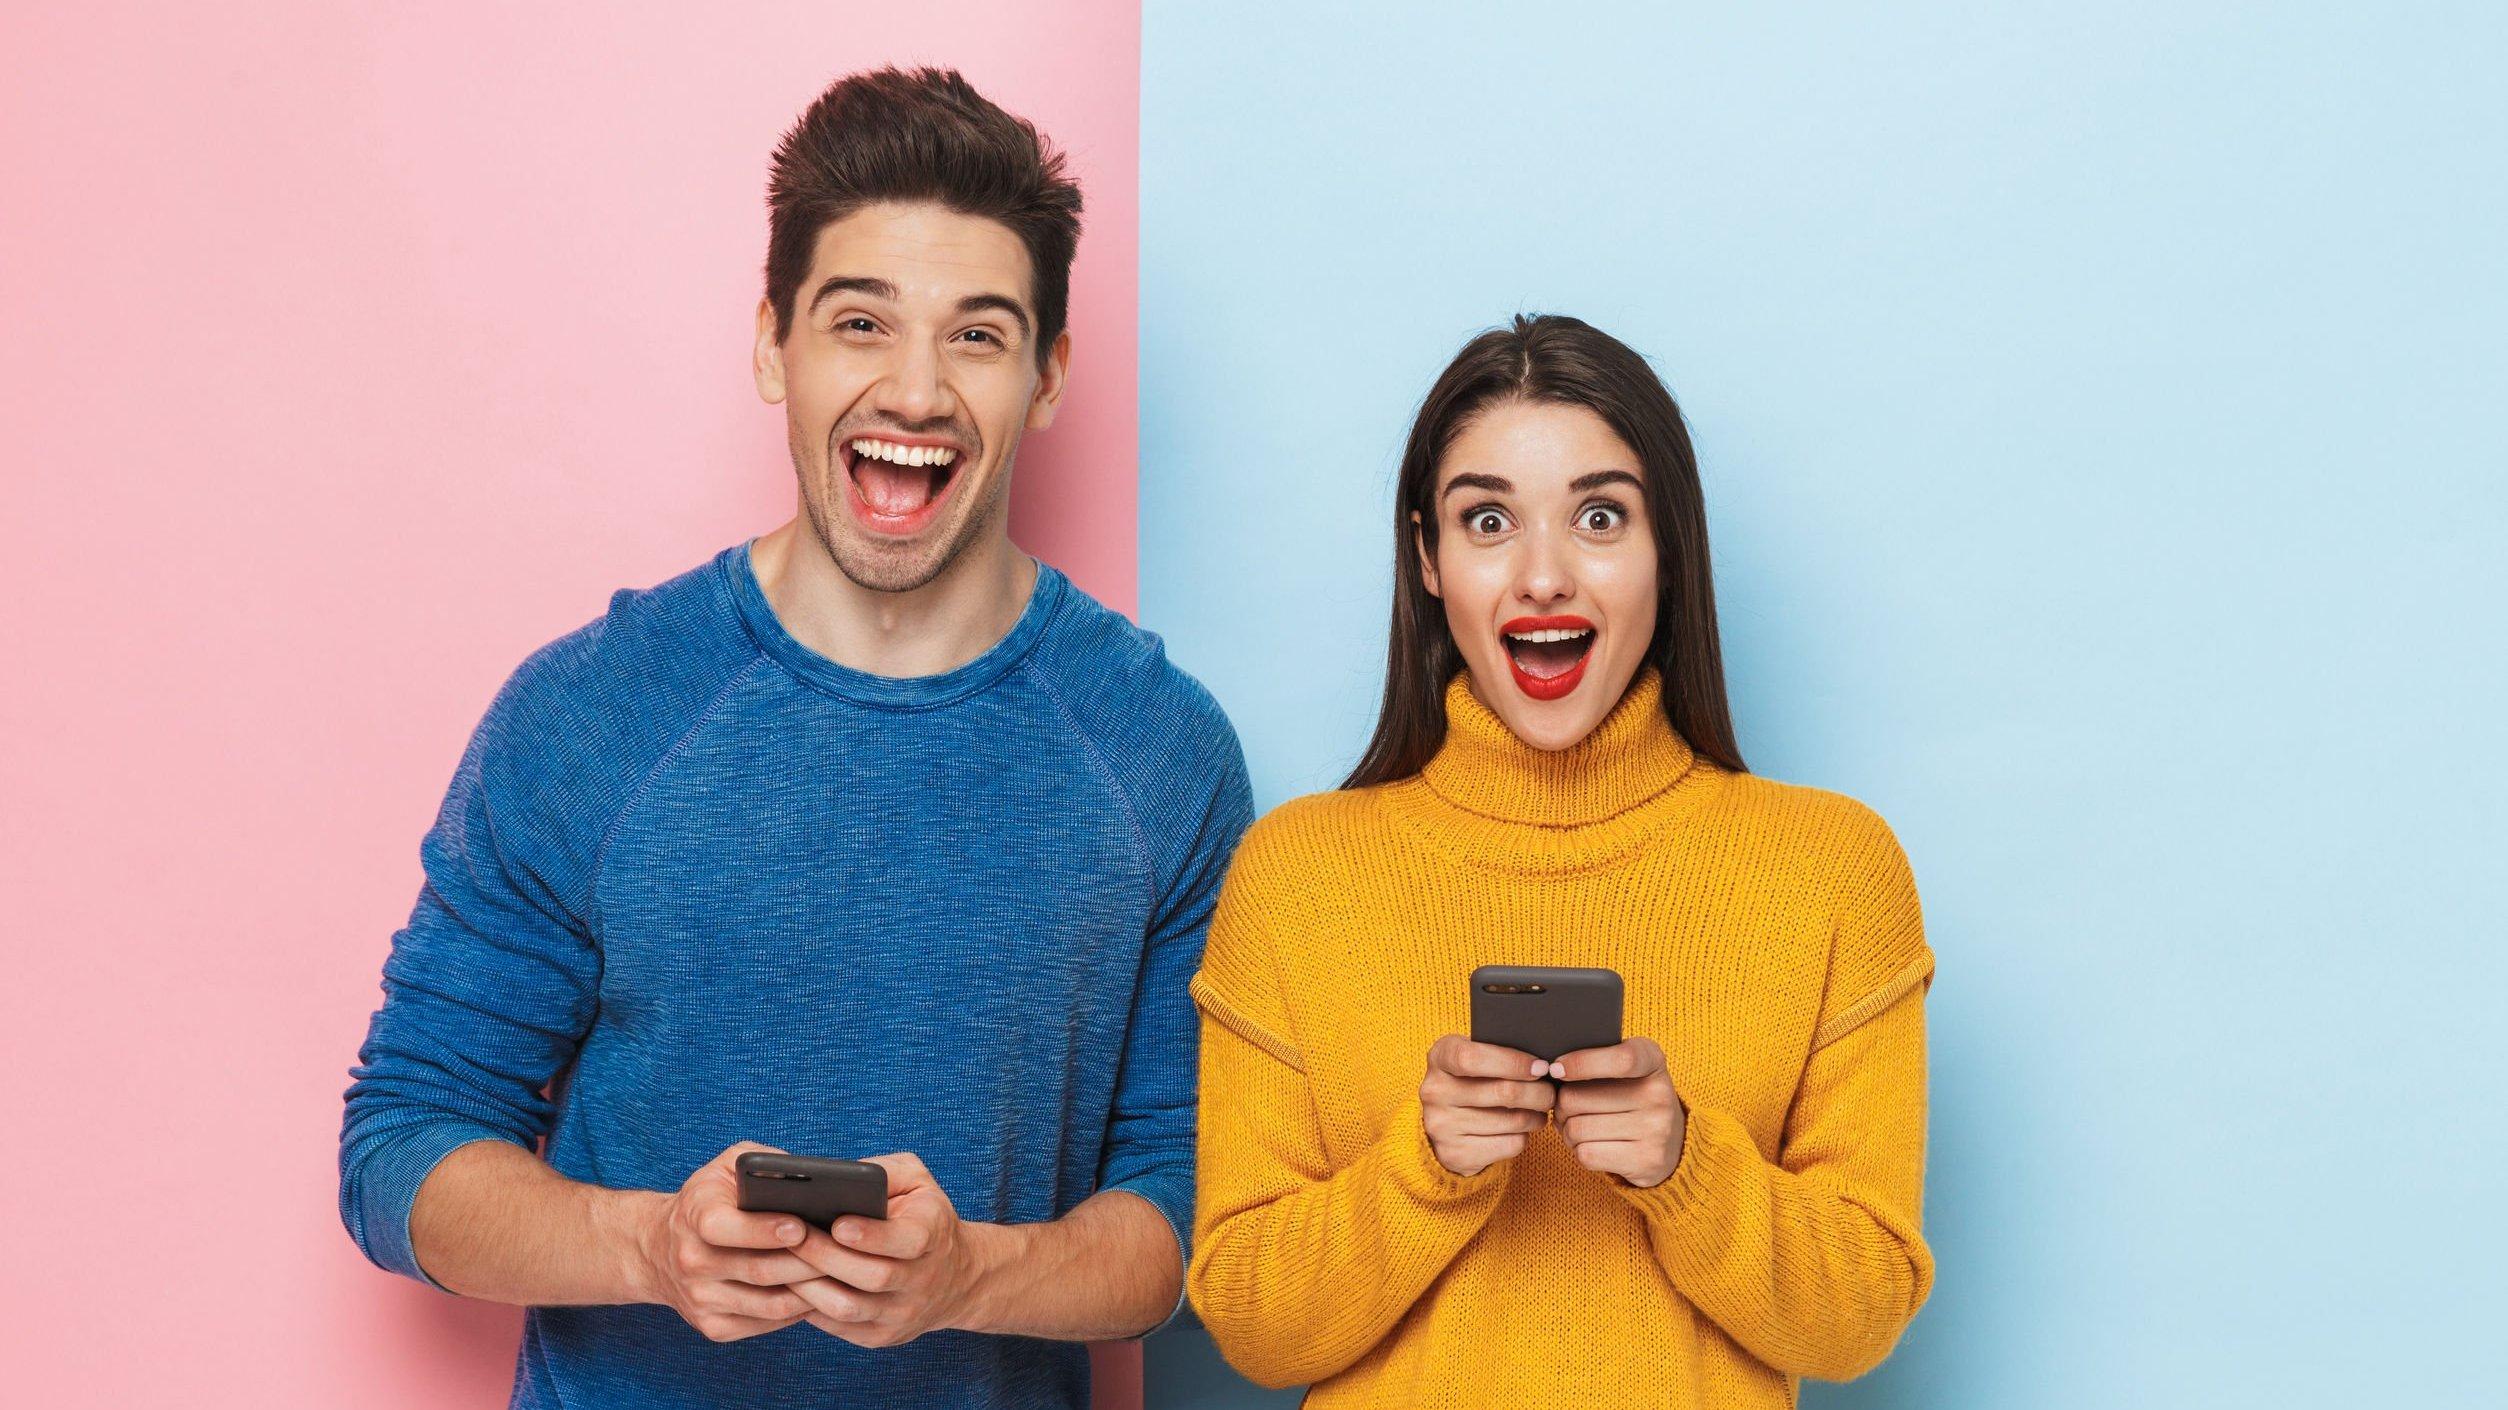 Homem e mulher segurando smartphones enquanto sorriem, lado a lado.